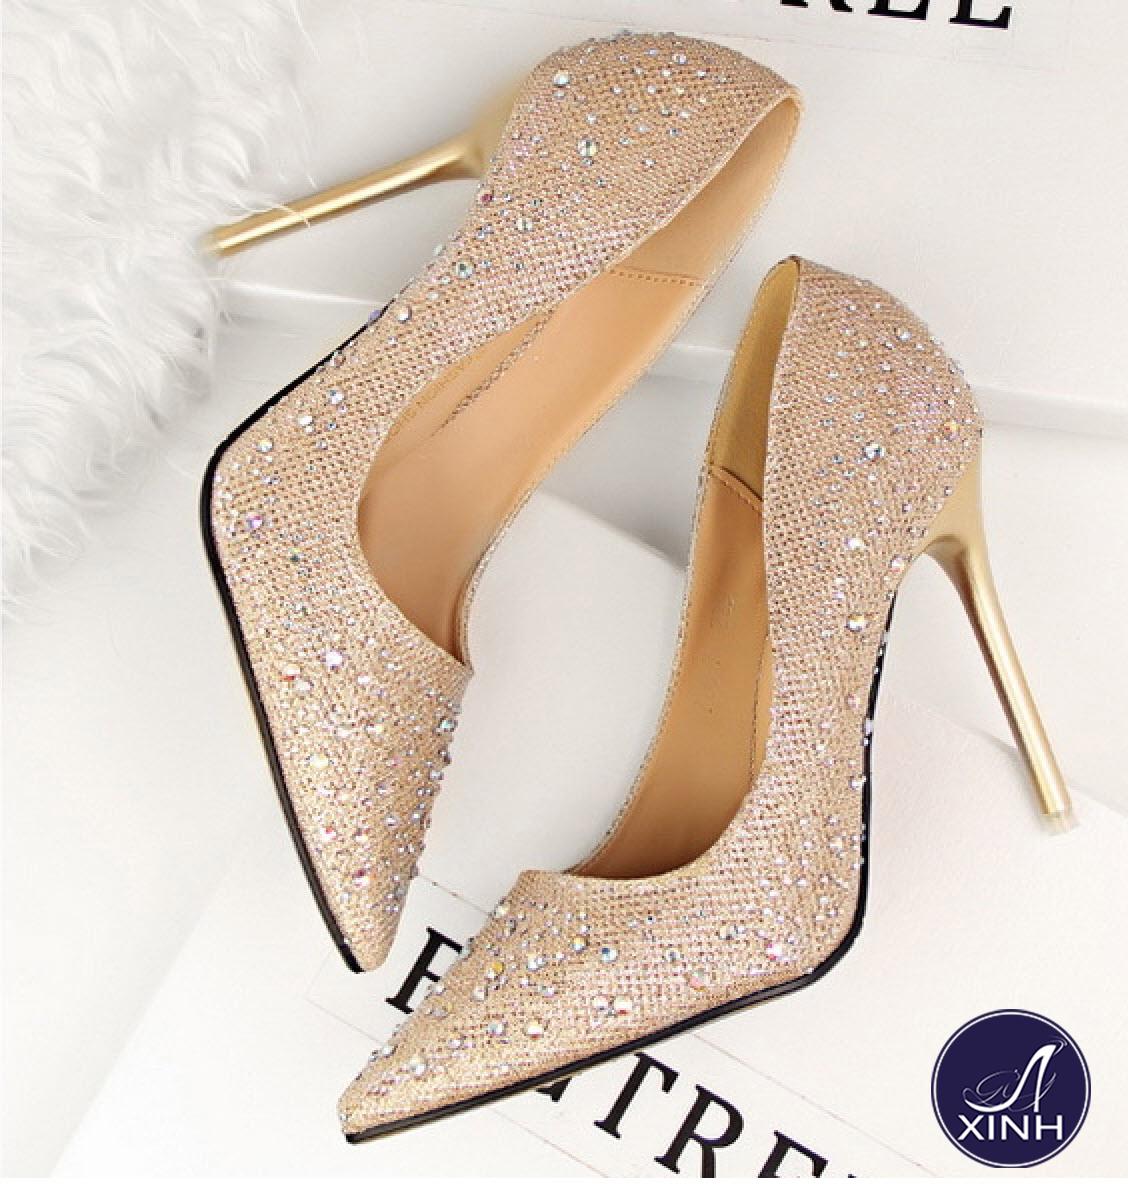 Giày cao gót công chúa ánh kim ngọt ngào